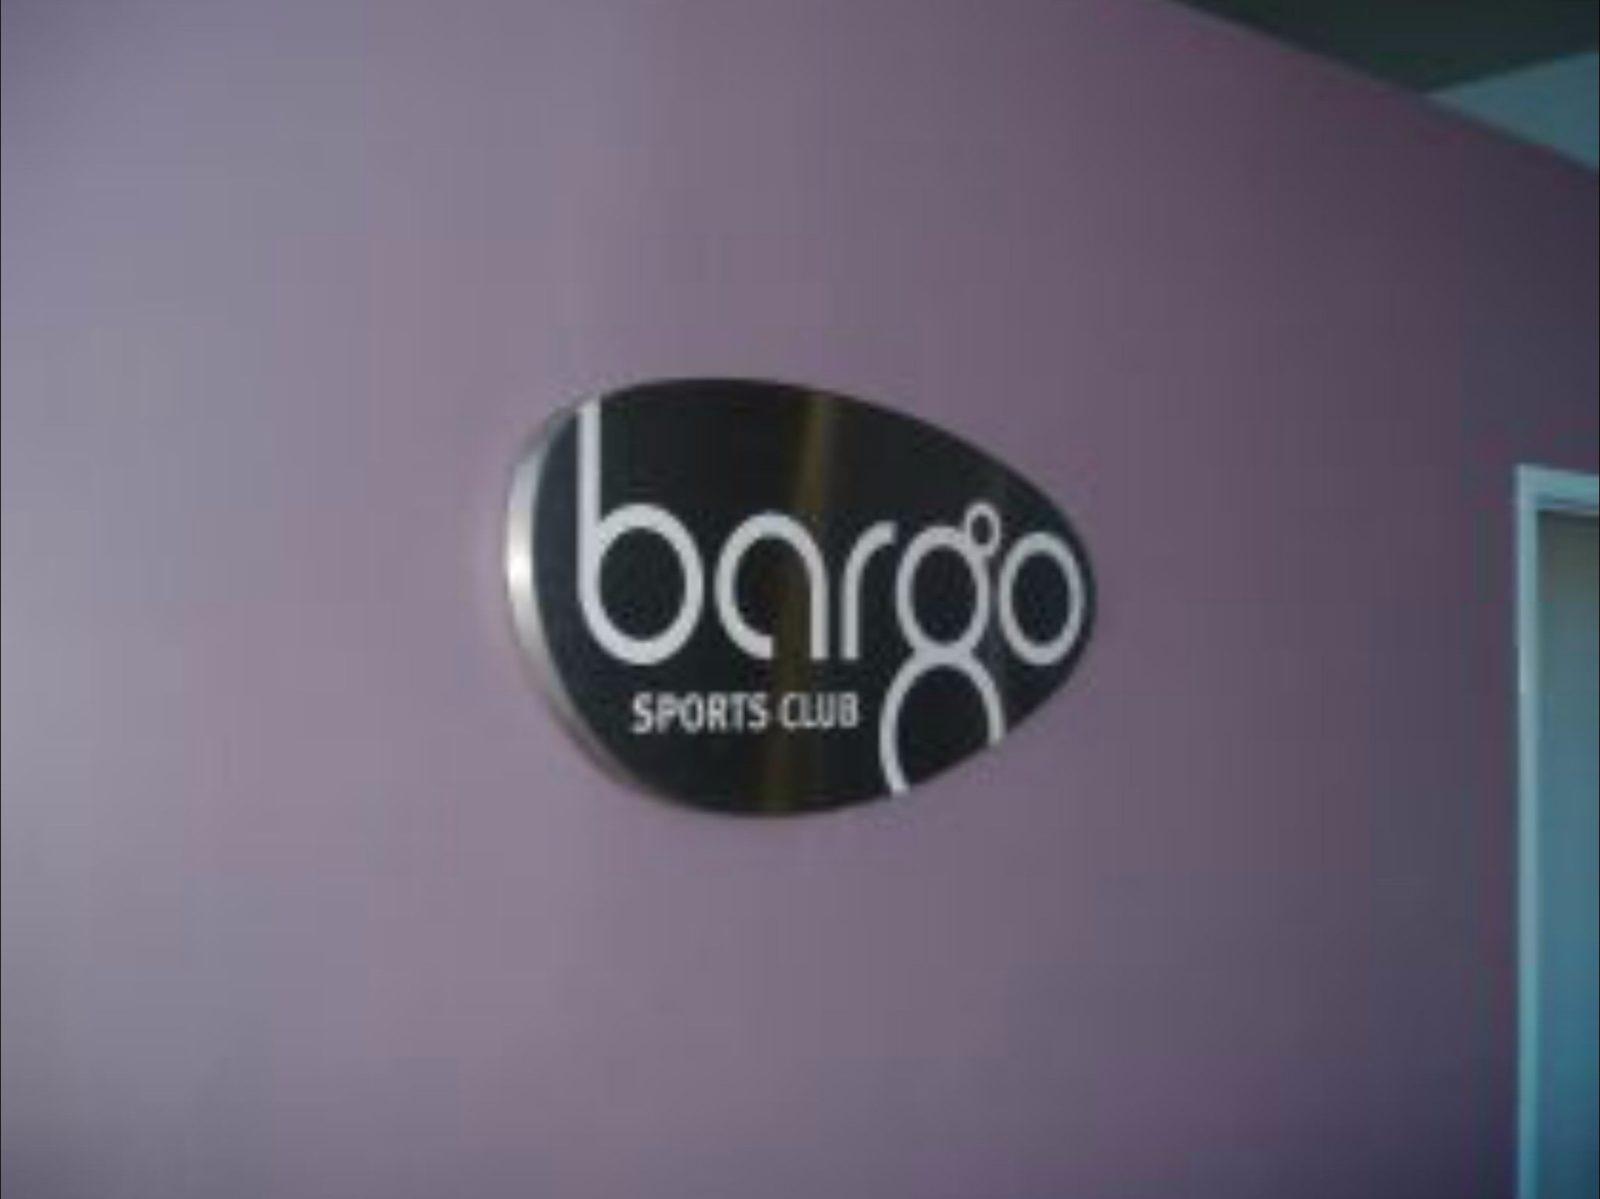 Bargo Sports Club